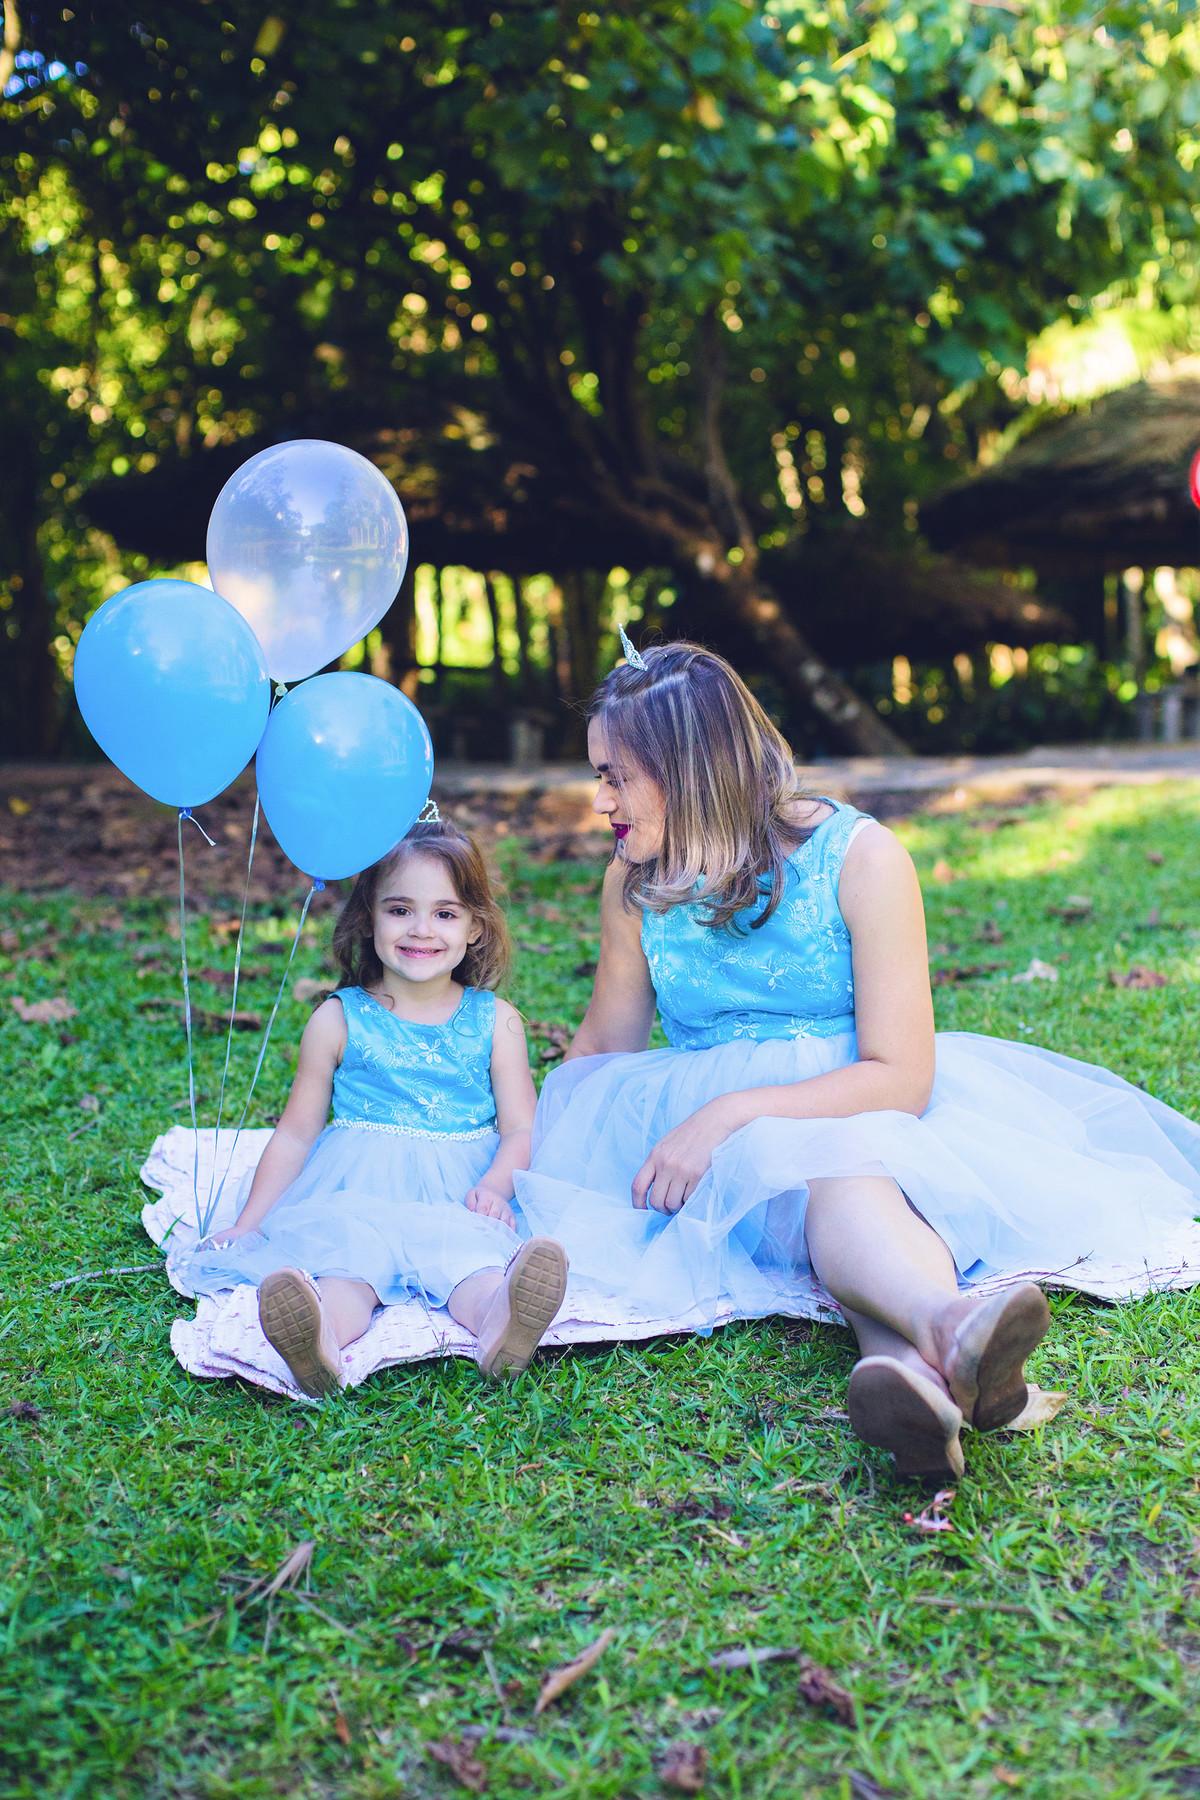 ensaio fotográfico - ensaio mãe e filha - Diangili e Isabella - jaraguá do sul - chroma fotografia